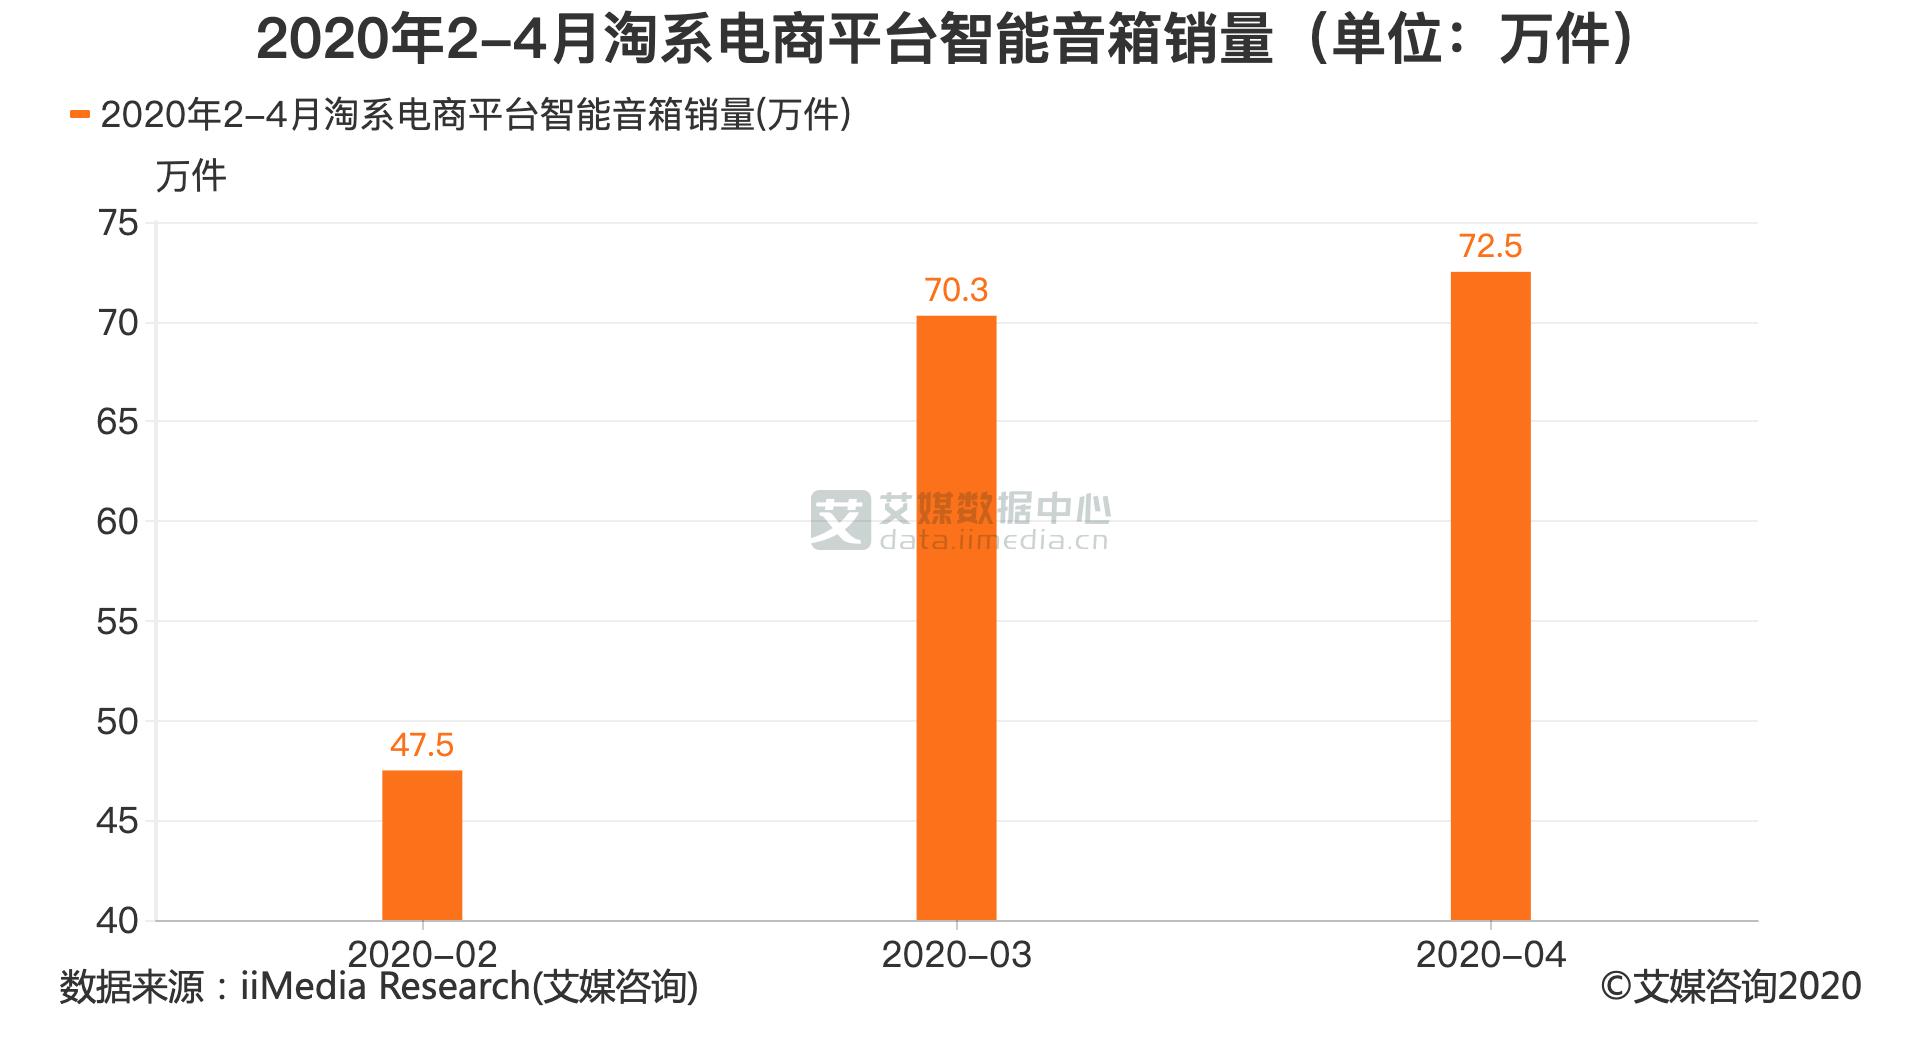 2020年2-4月淘系电商平台智能音箱销量(单位:万件)